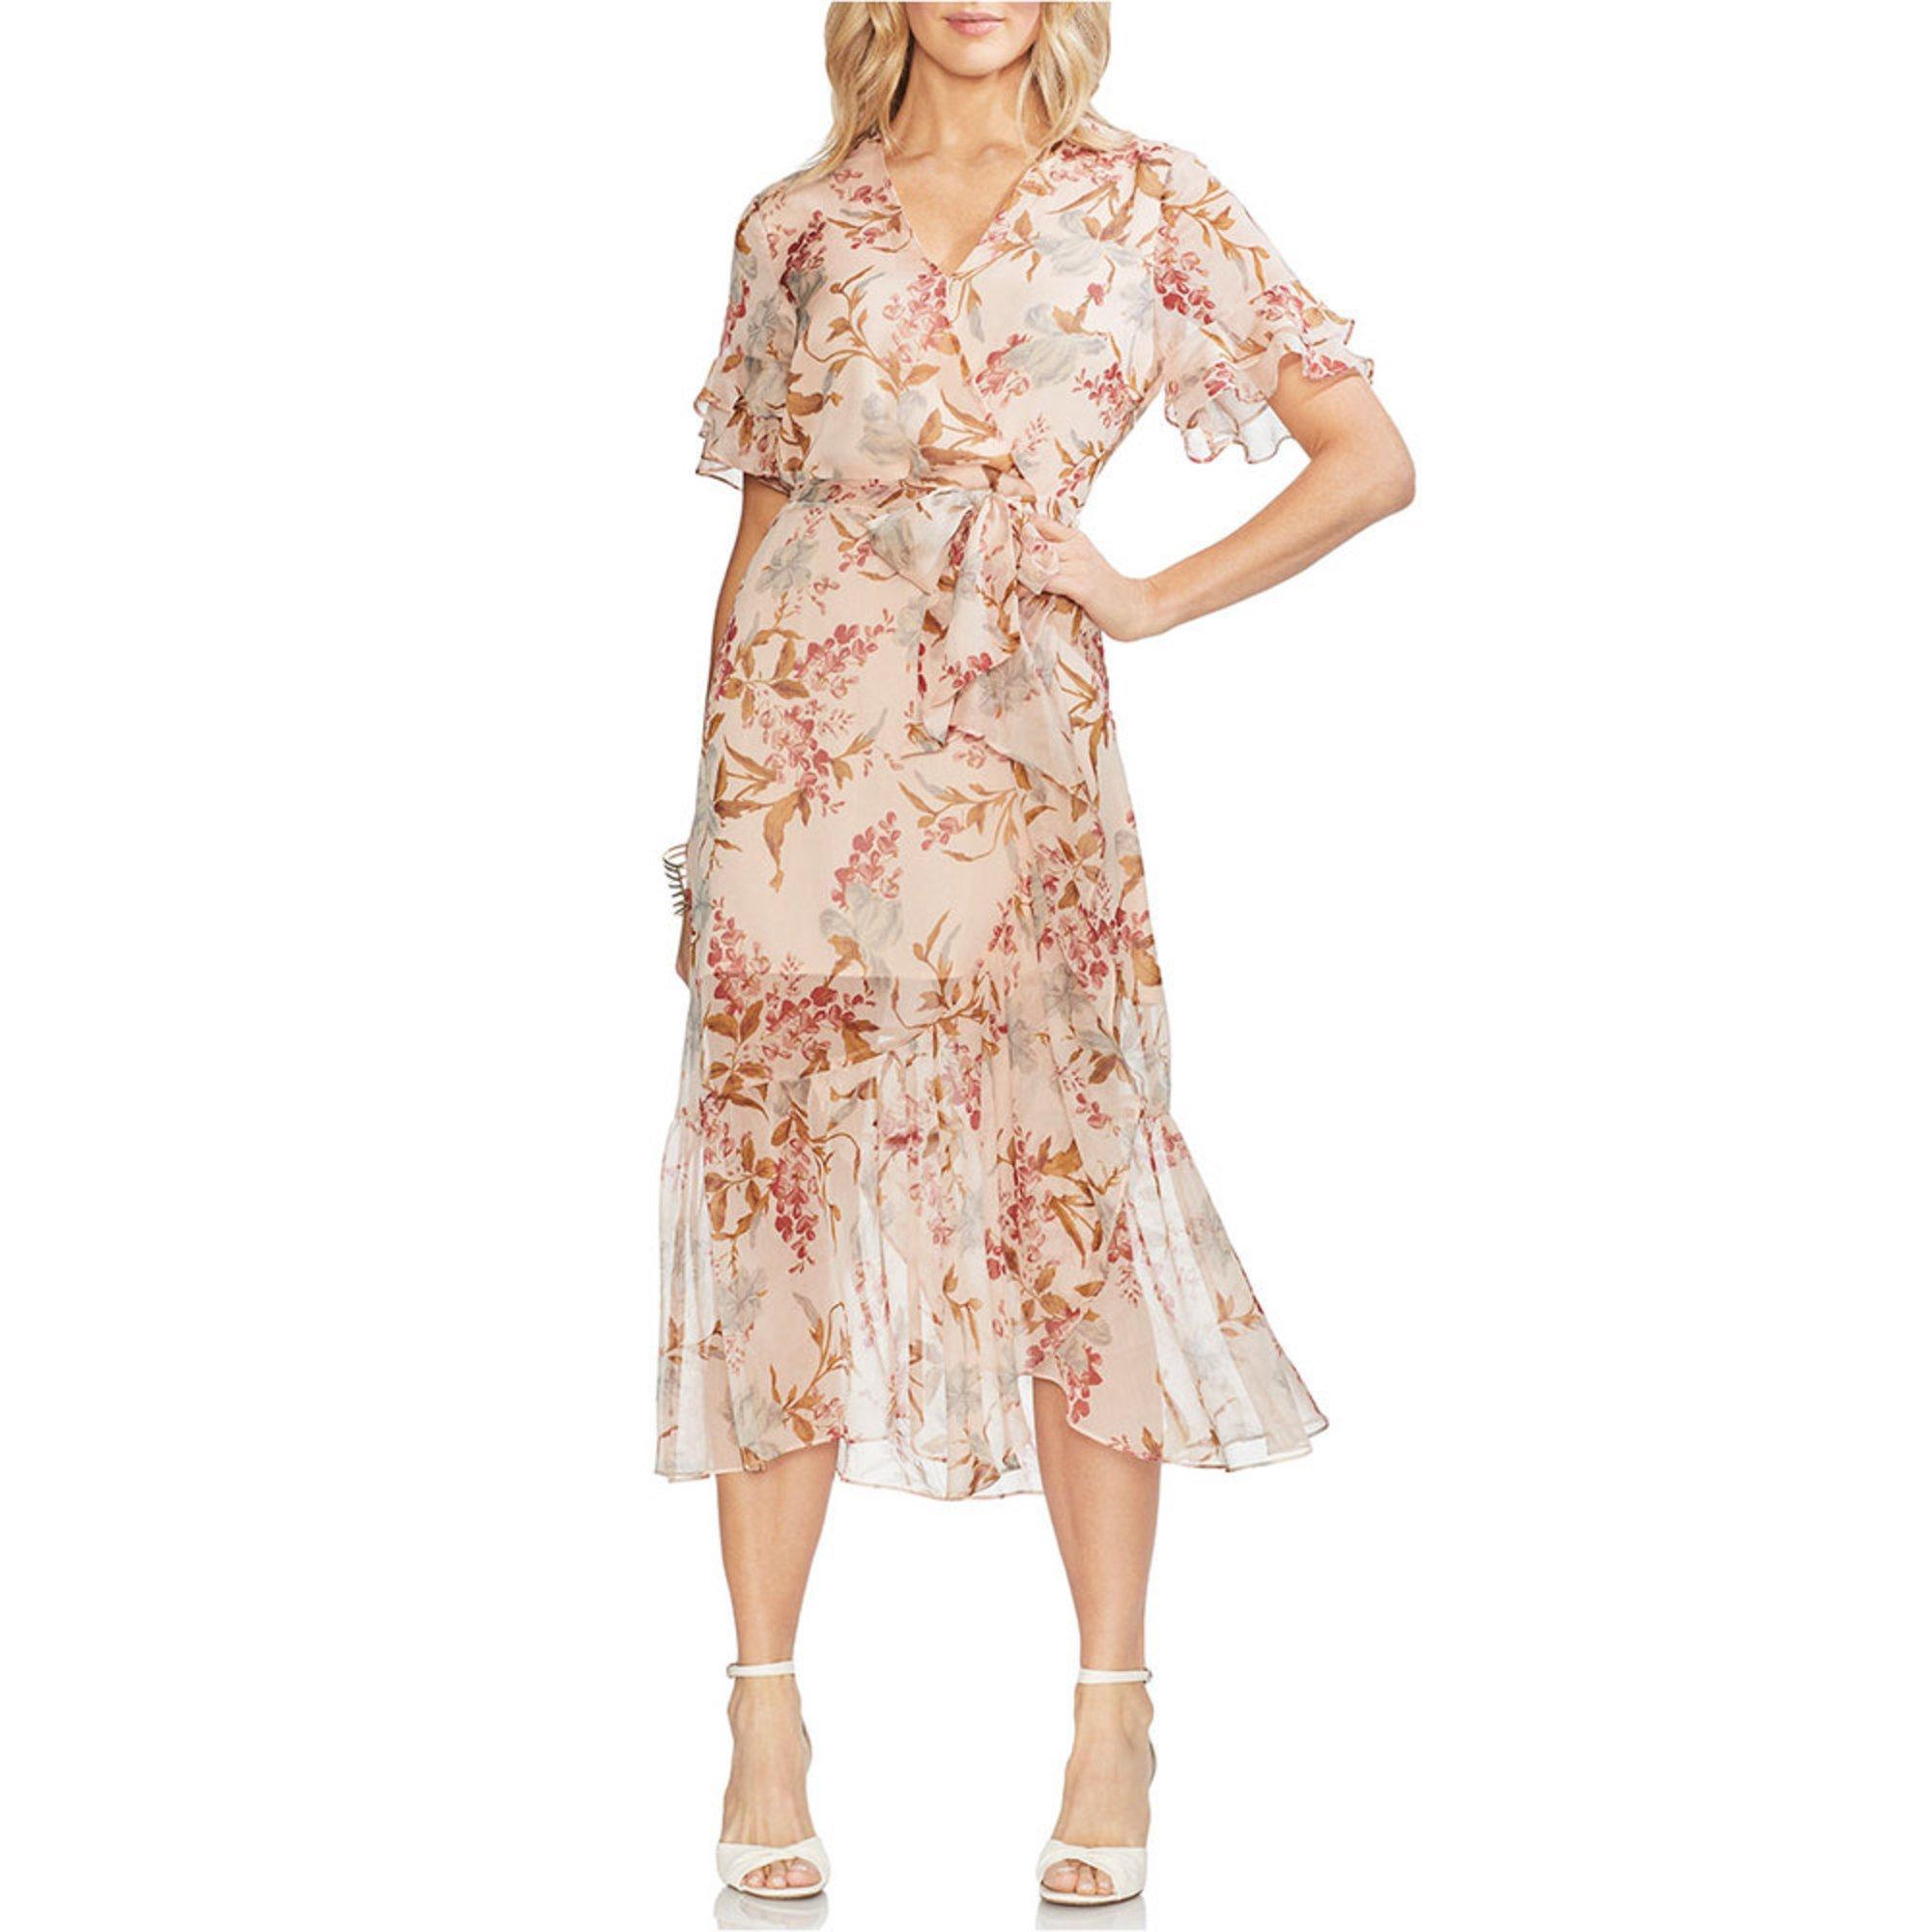 94892de384d Vince Camuto. Vince Camuto Women s Wildflower Wrap Dress